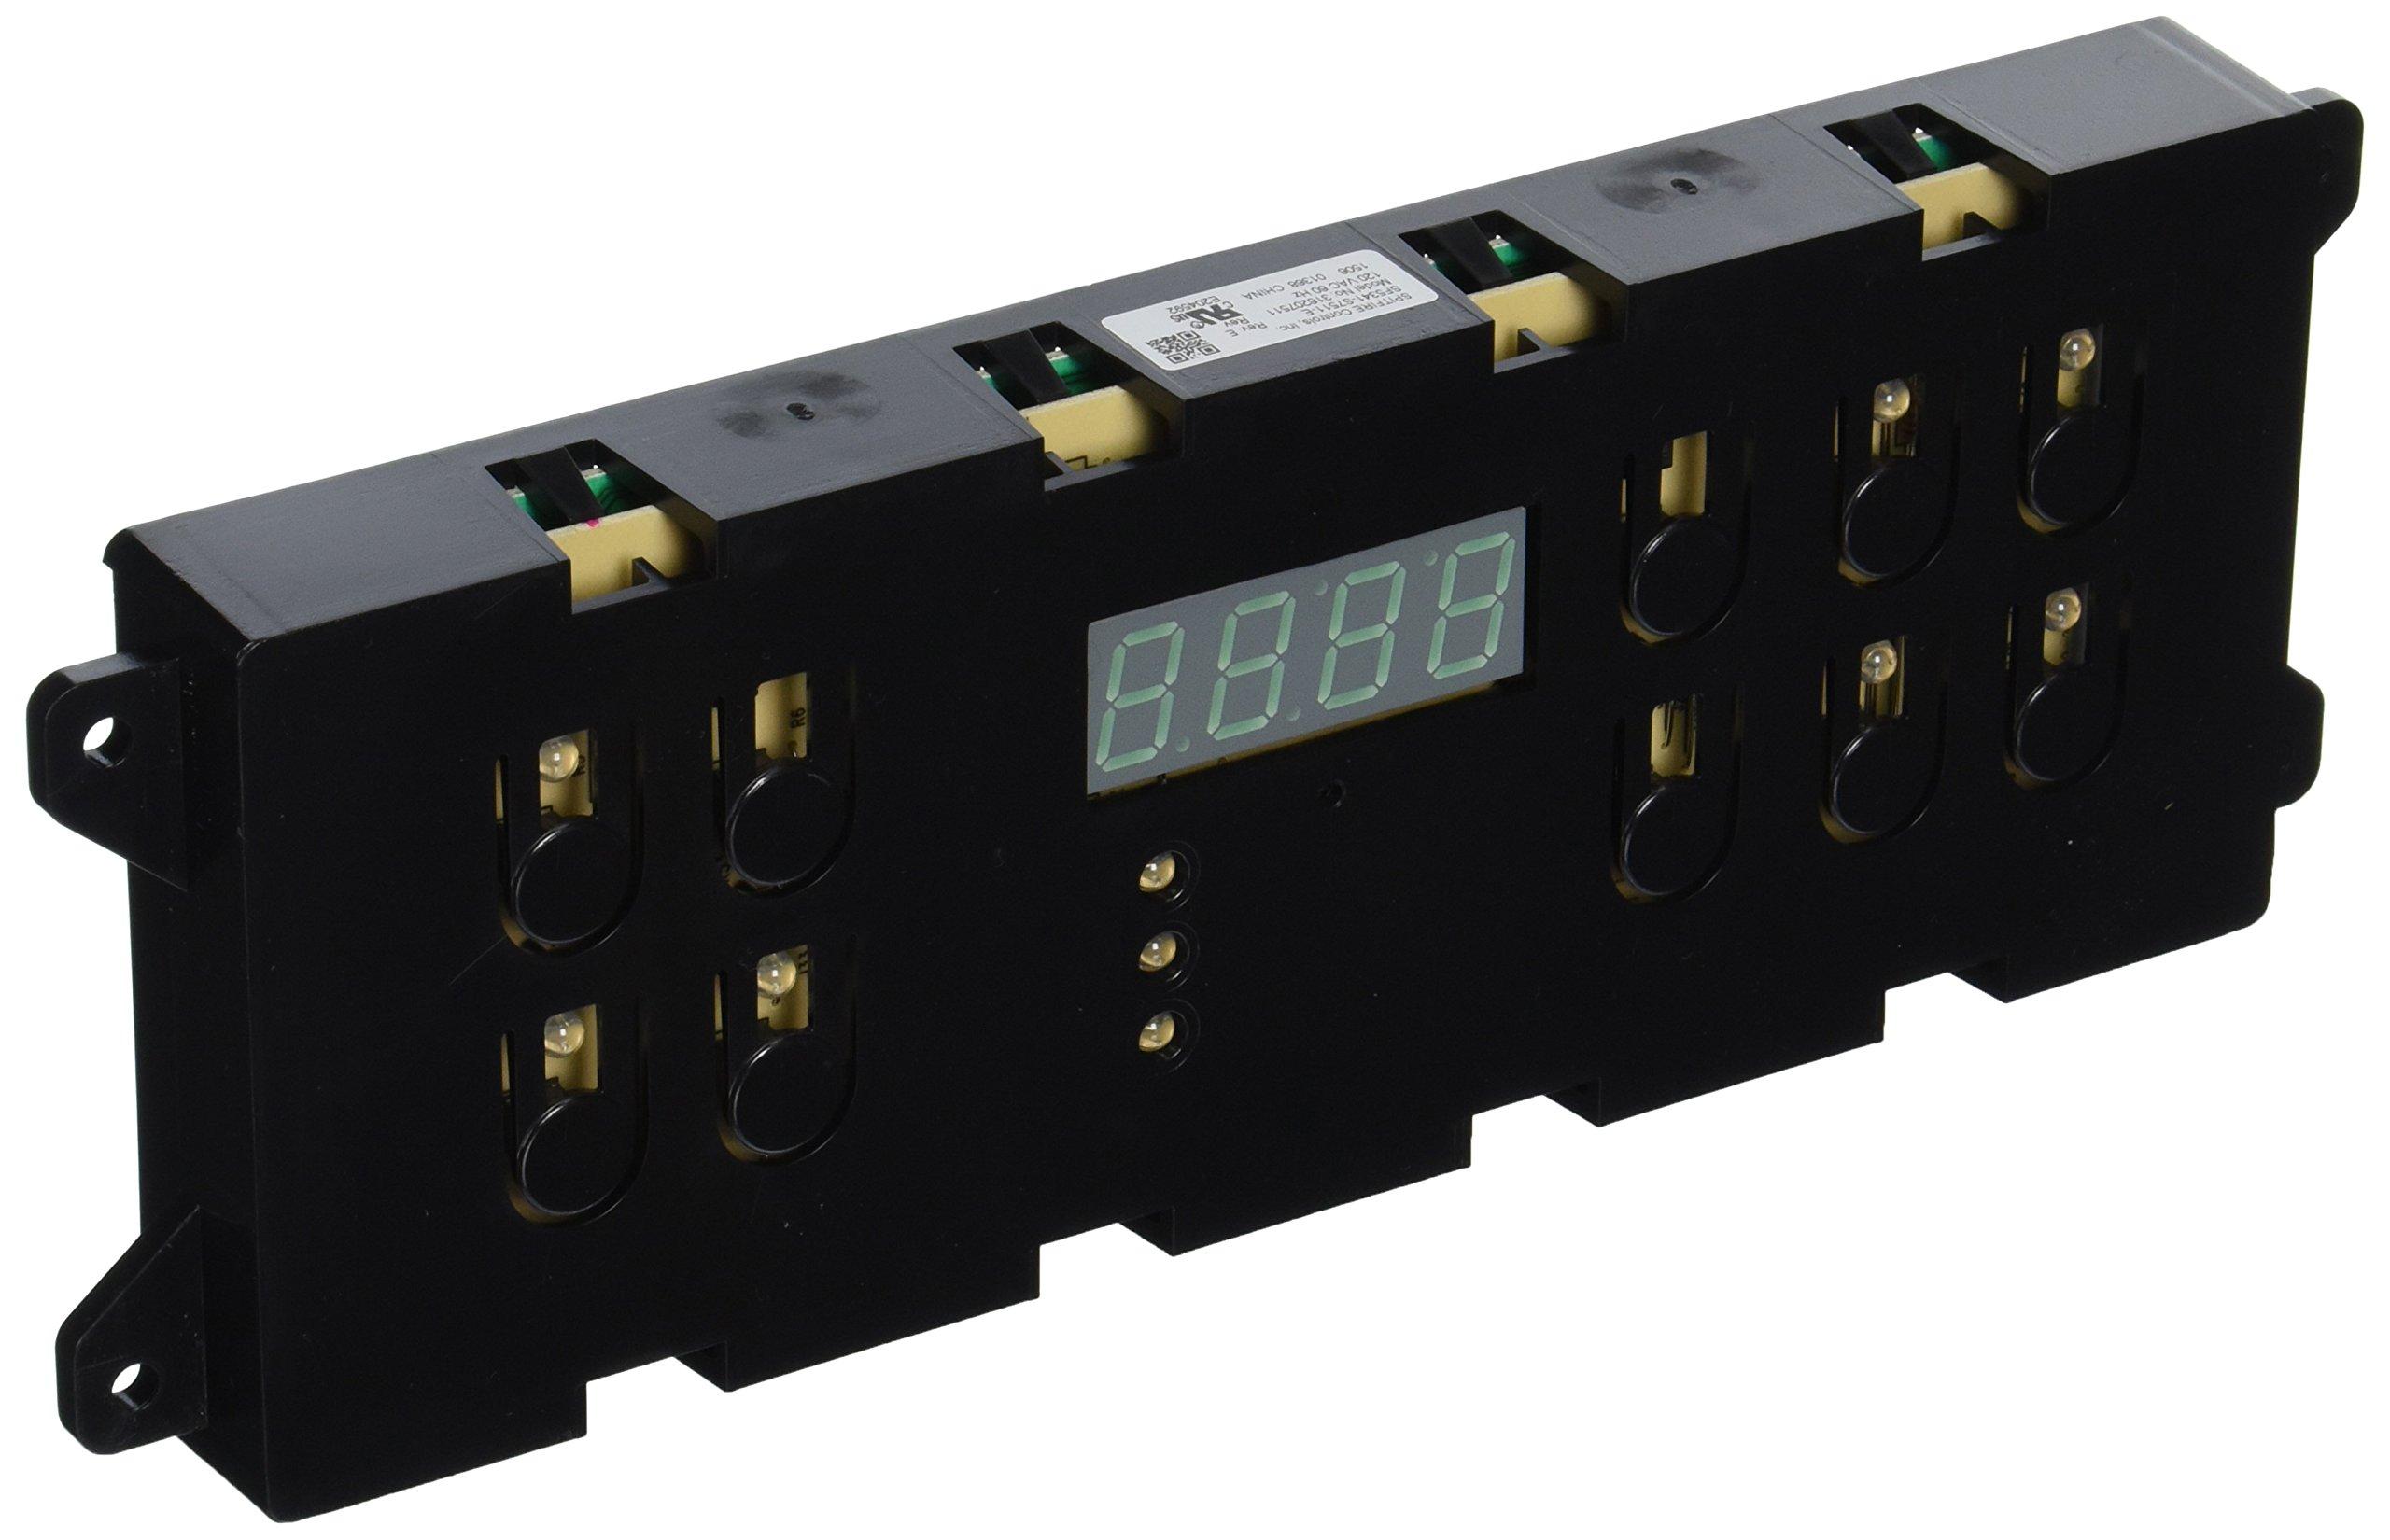 Frigidaire FRIGIDAIRE 316207511 STOVE CLOCK/TIMER